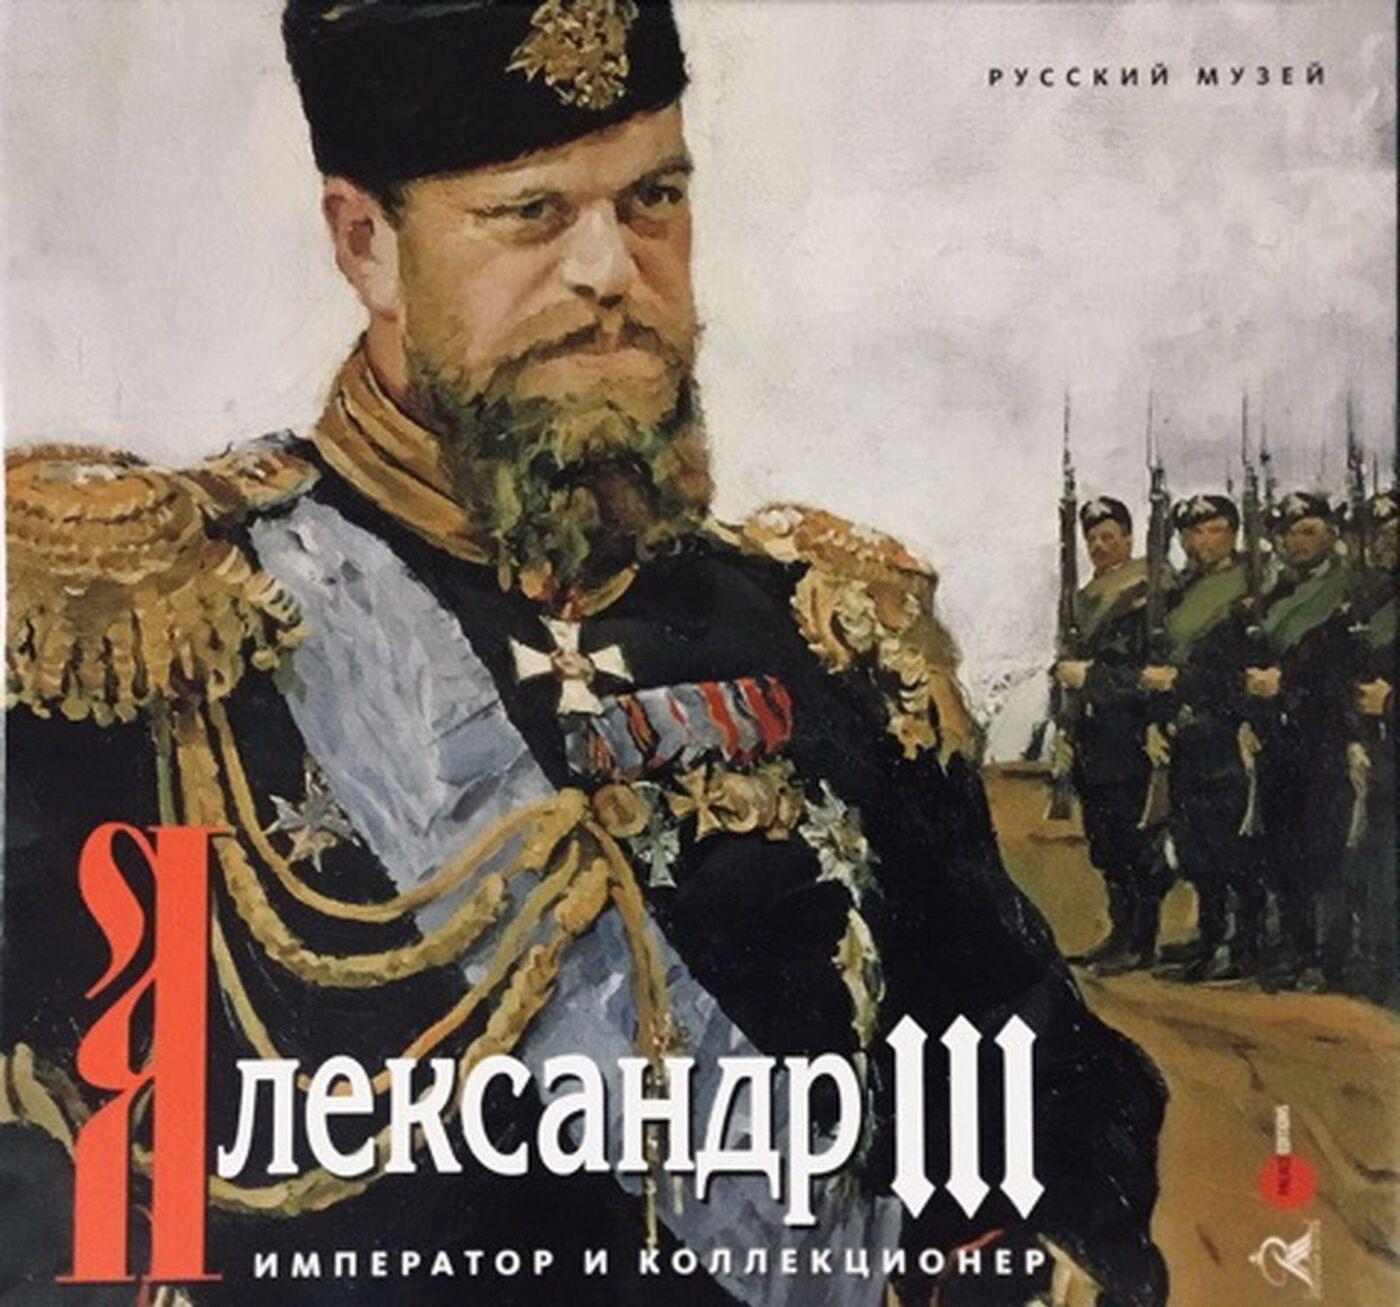 Aleksandr III. Imperator i kollektsioner